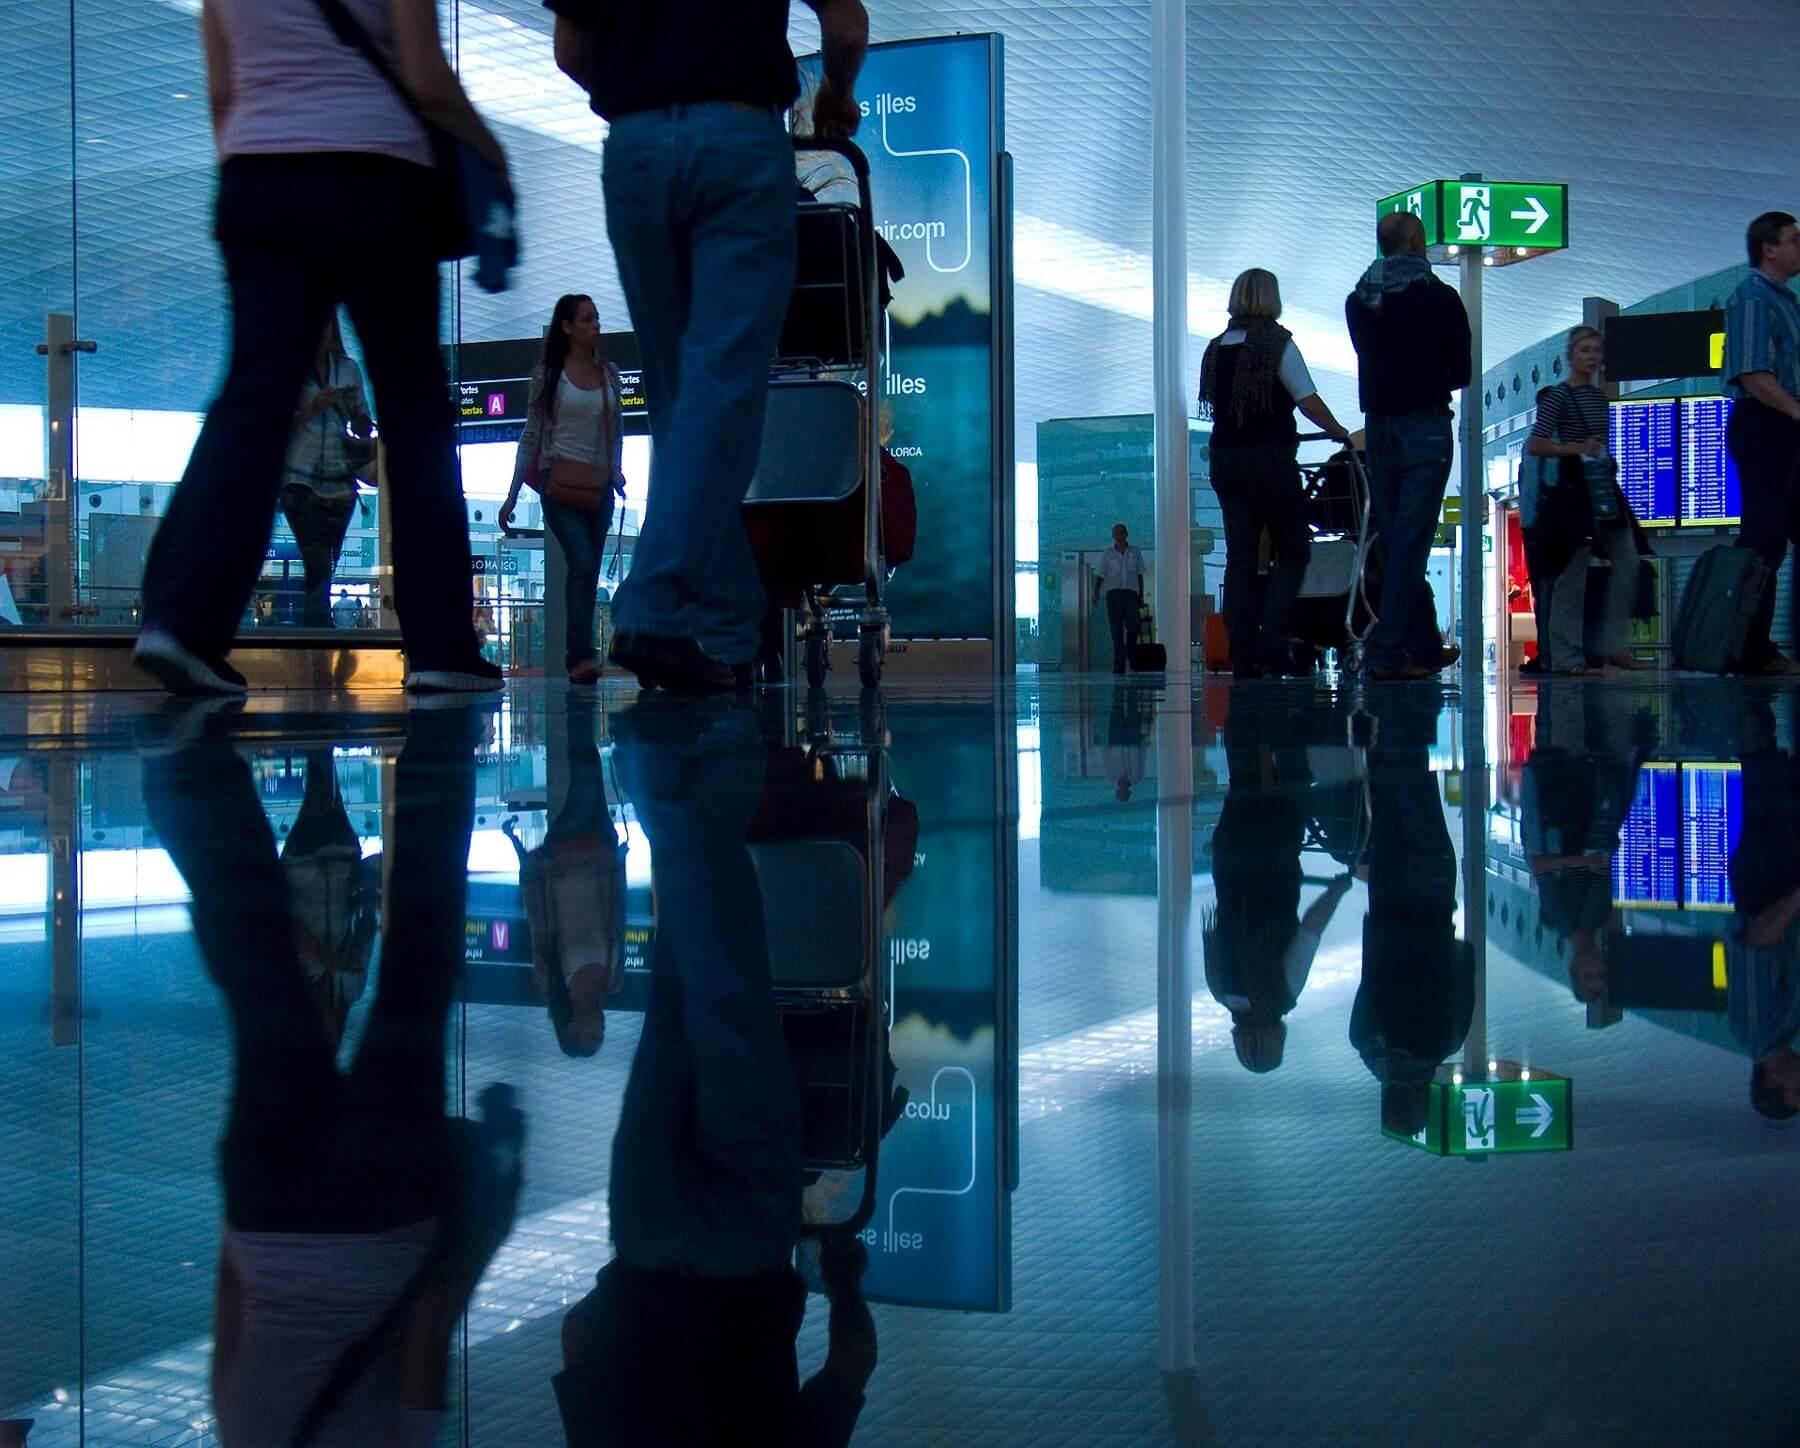 Airport Transfers Chislehurst